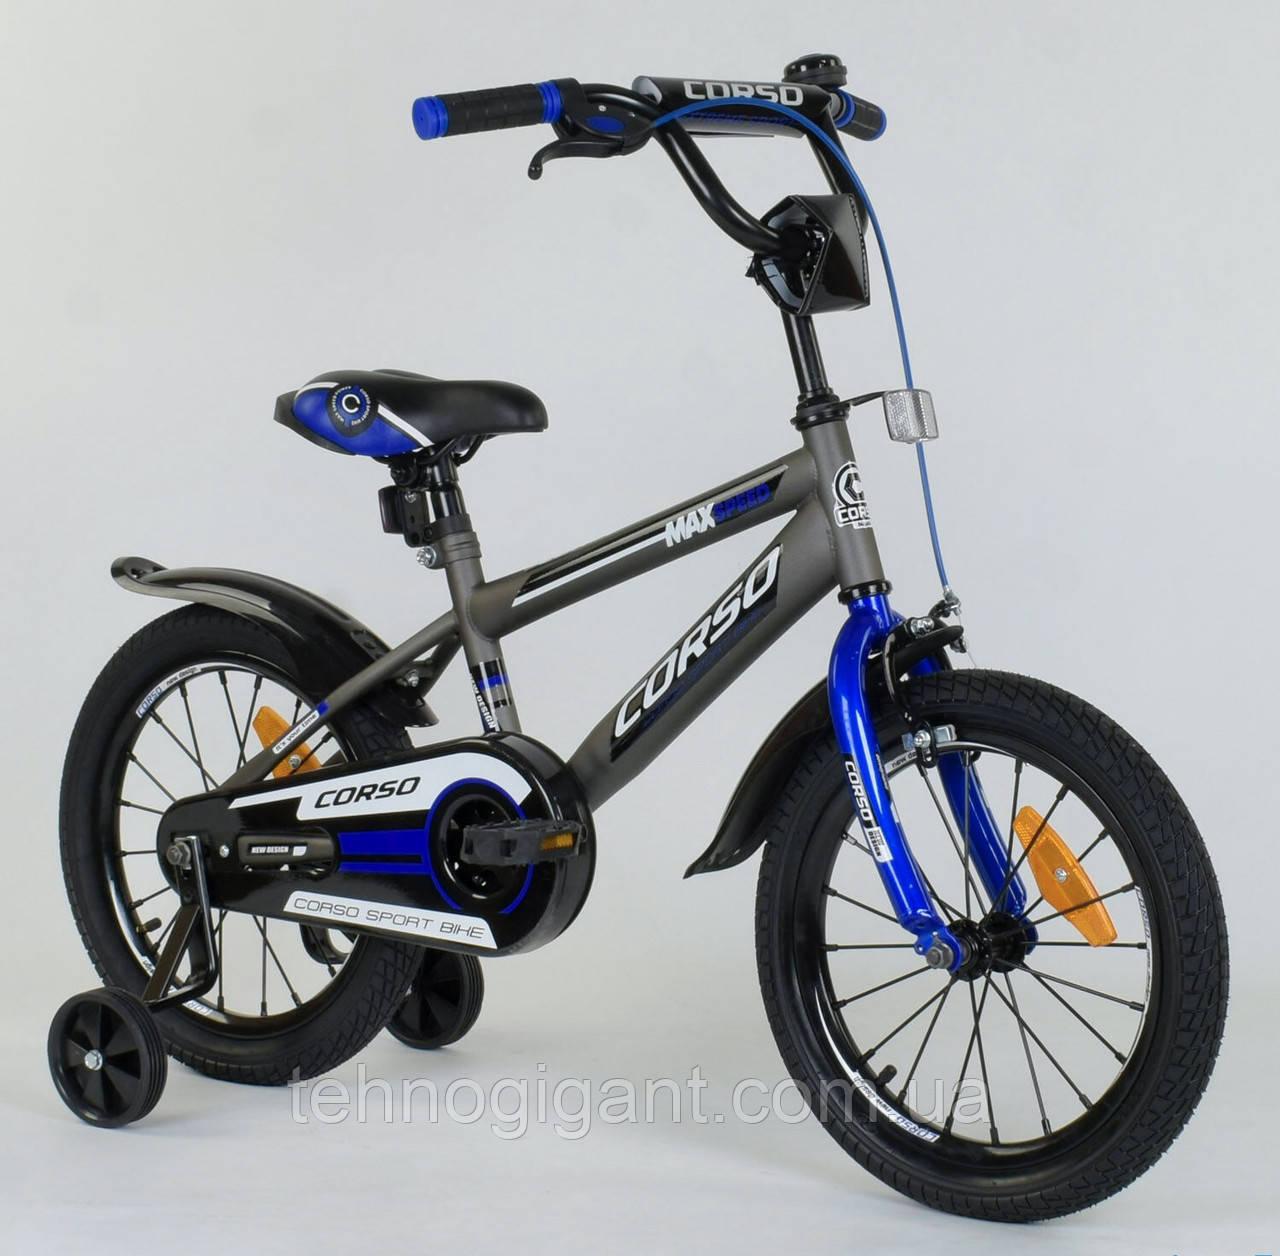 Велосипед детский двухколесный 16 Серый, CORSO ST - 8022, 4-6 лет, боковые колеса, усиленные колеса и спицы